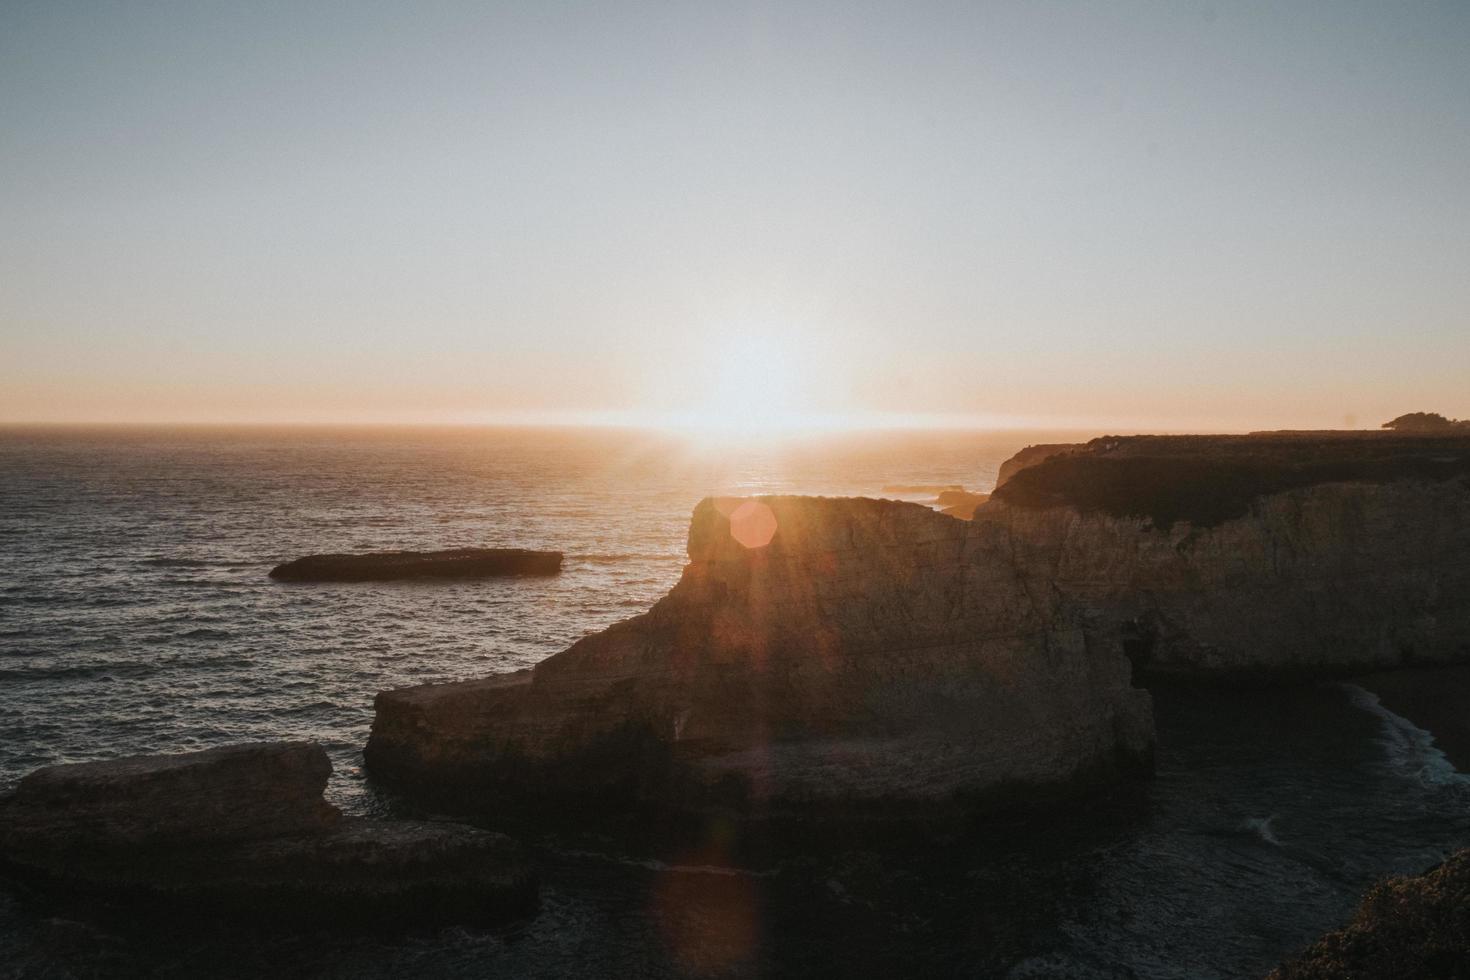 puesta de sol sobre rocas y acantilados junto al mar foto